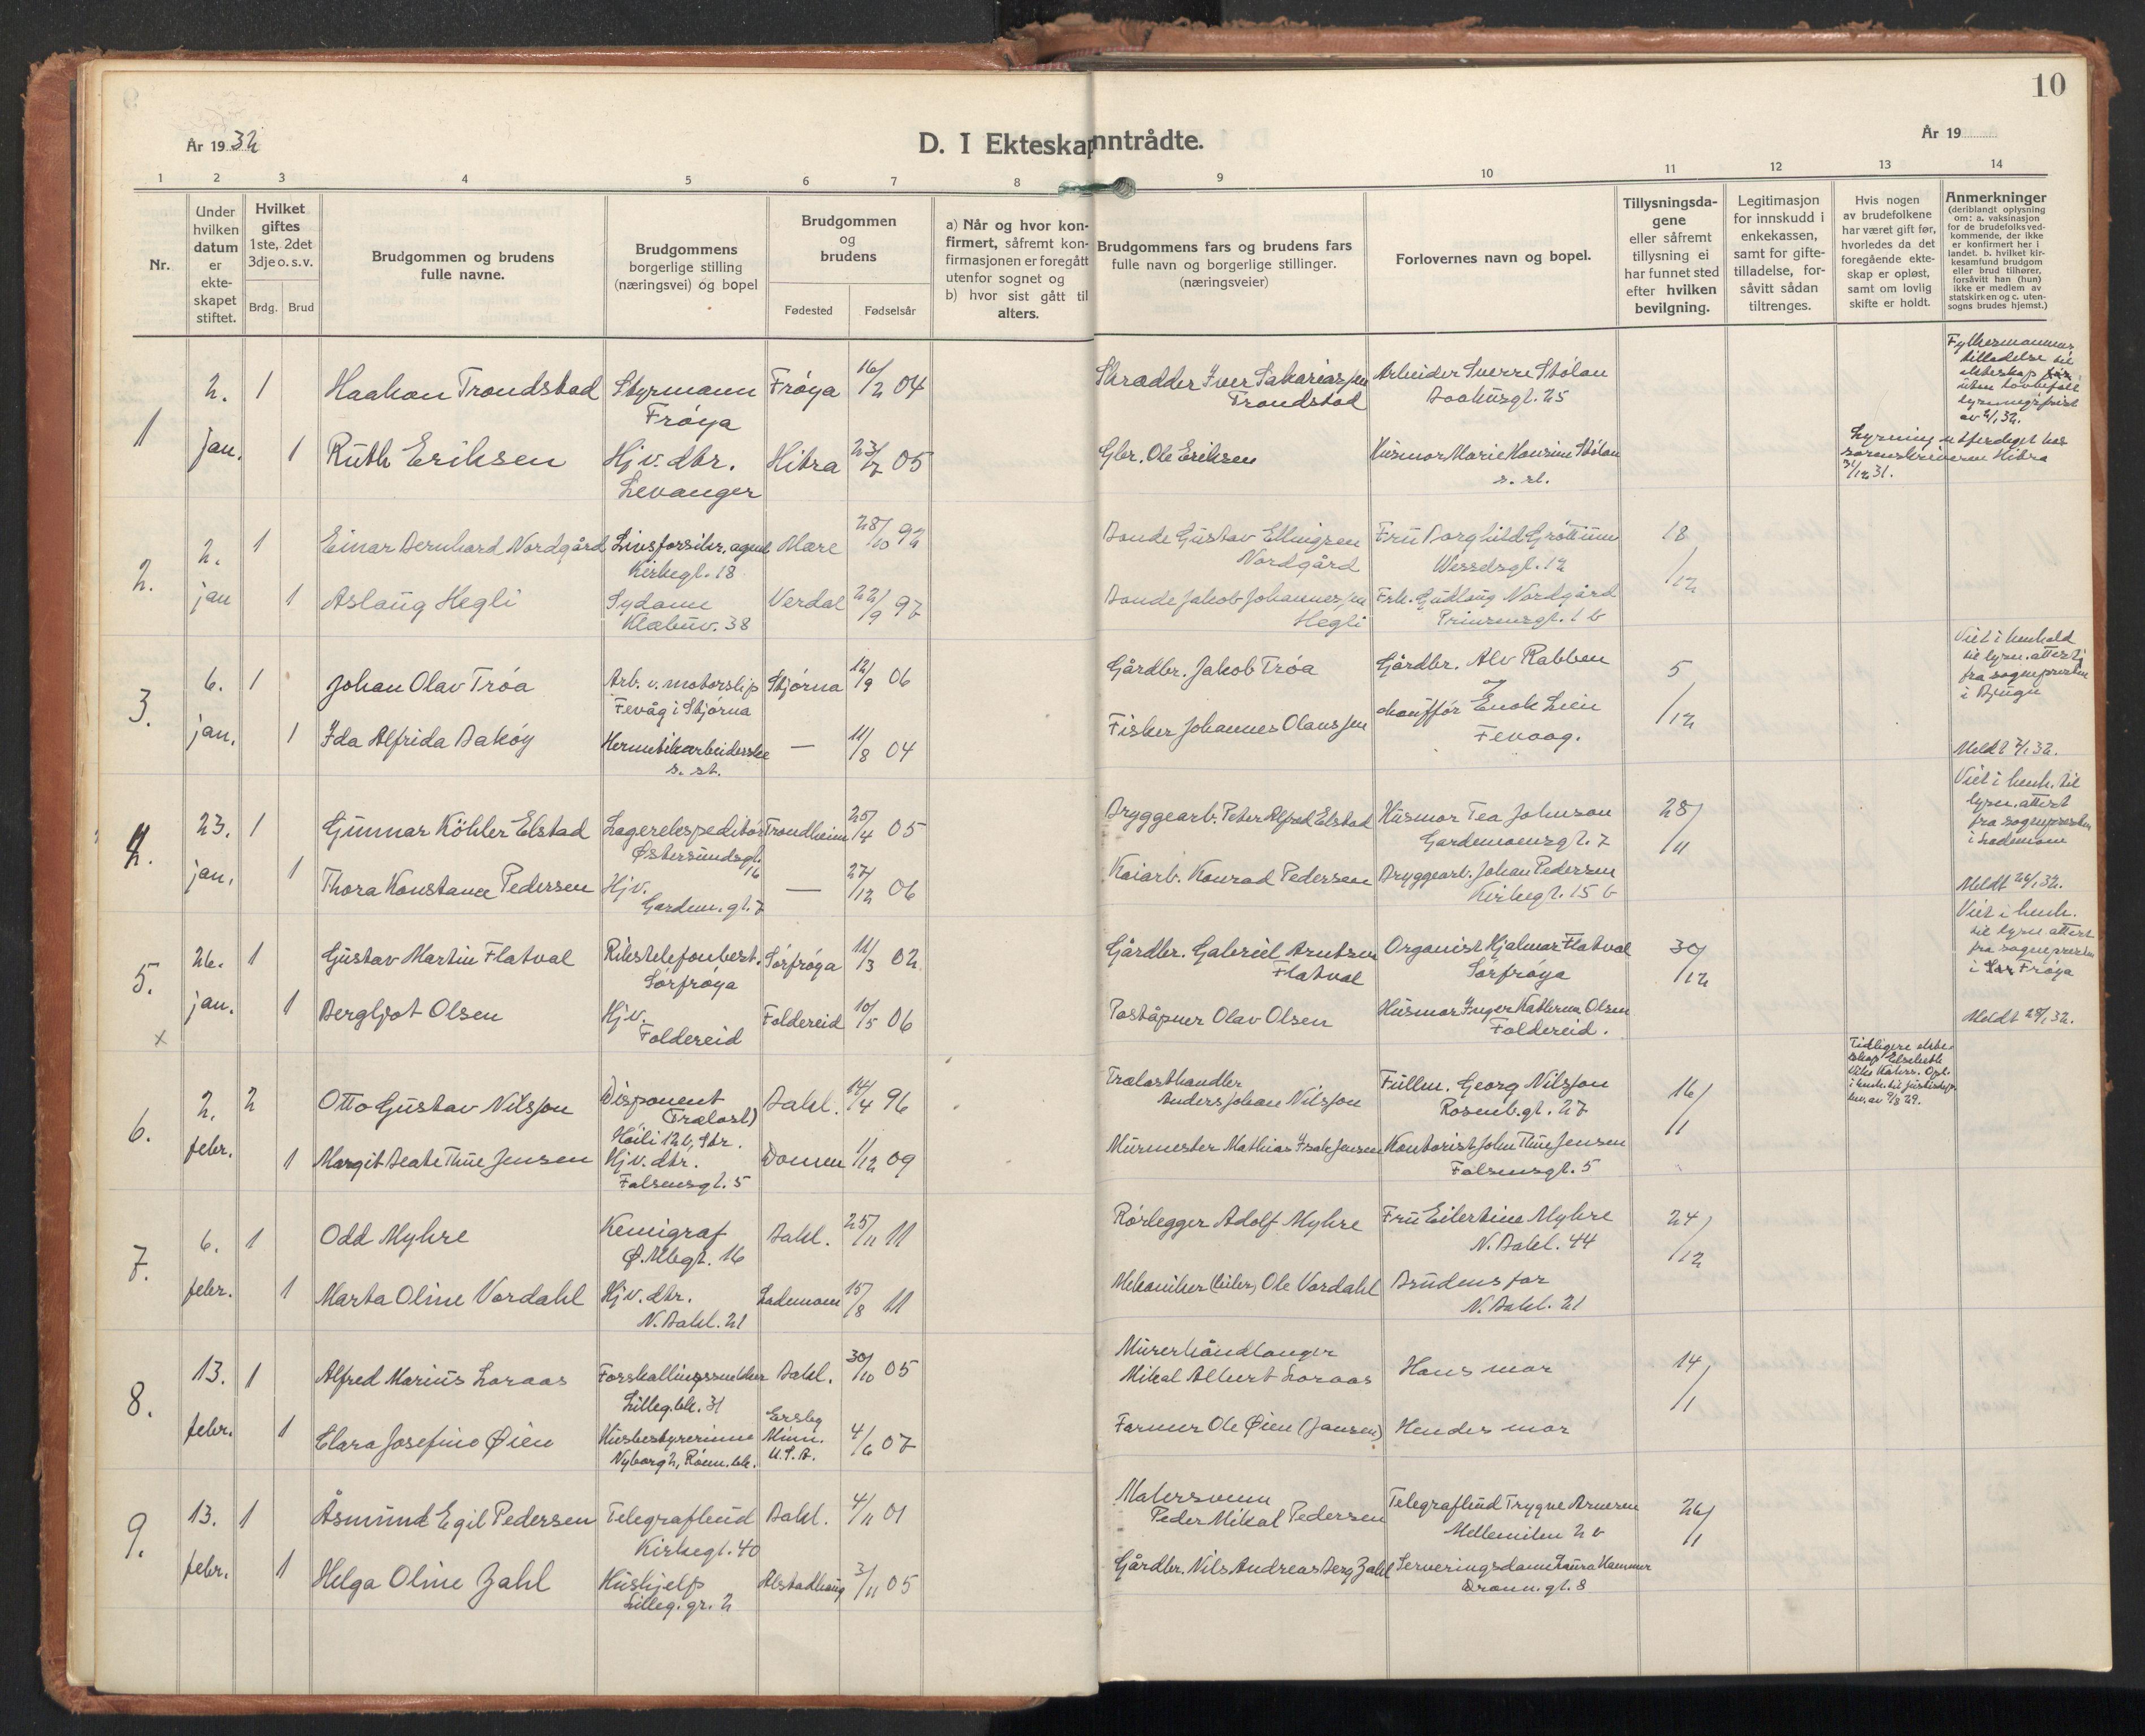 SAT, Ministerialprotokoller, klokkerbøker og fødselsregistre - Sør-Trøndelag, 604/L0209: Ministerialbok nr. 604A29, 1931-1945, s. 10